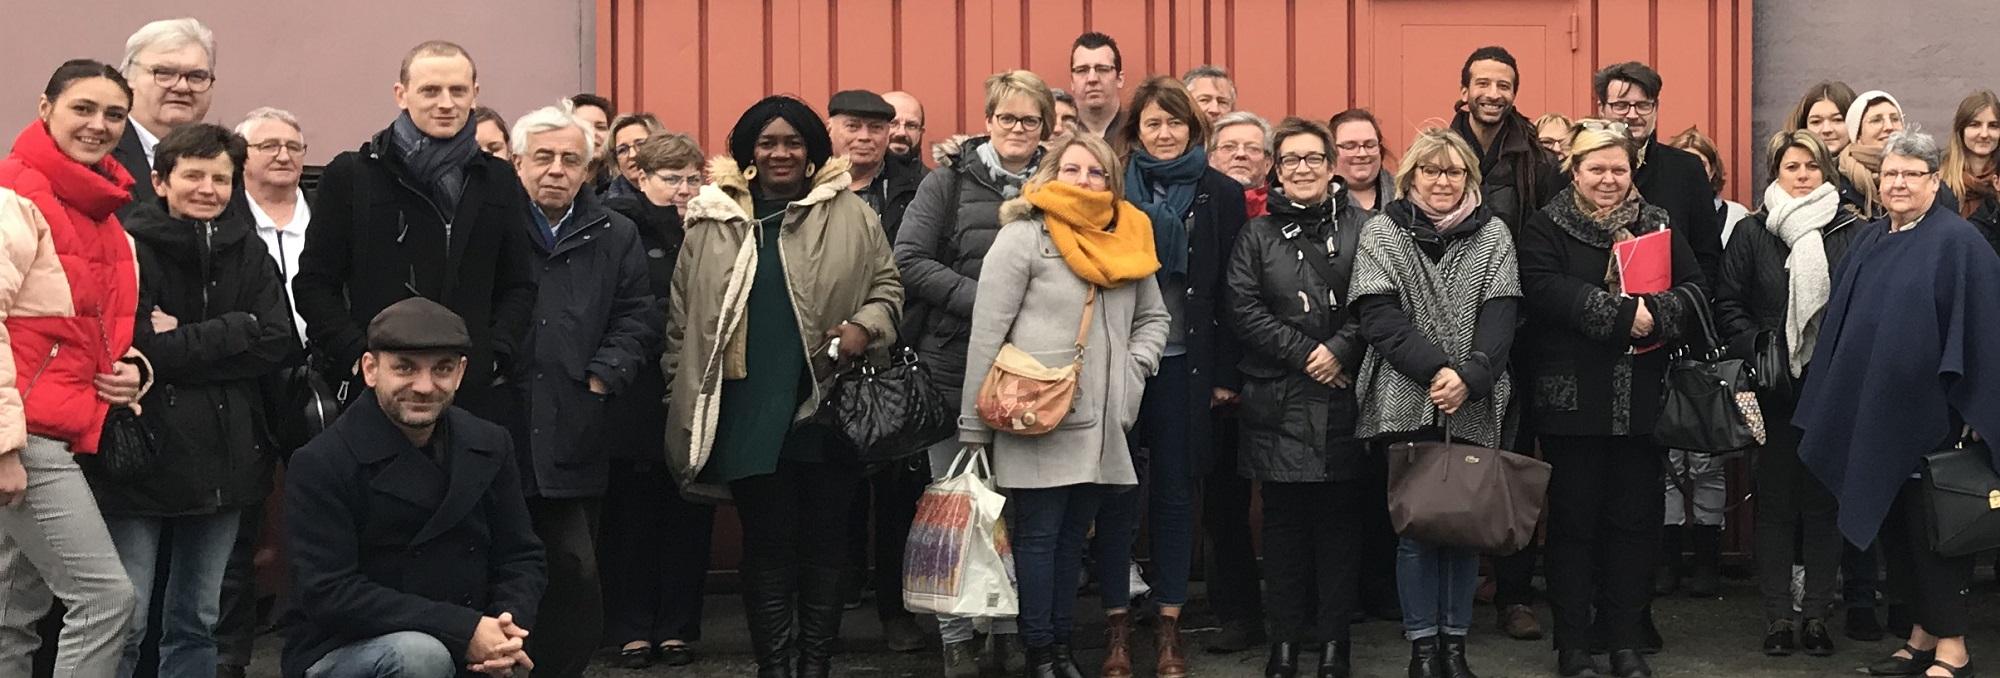 Rencontre régionale du Nord, une journée pour créer des liens entre épiceries solidaires